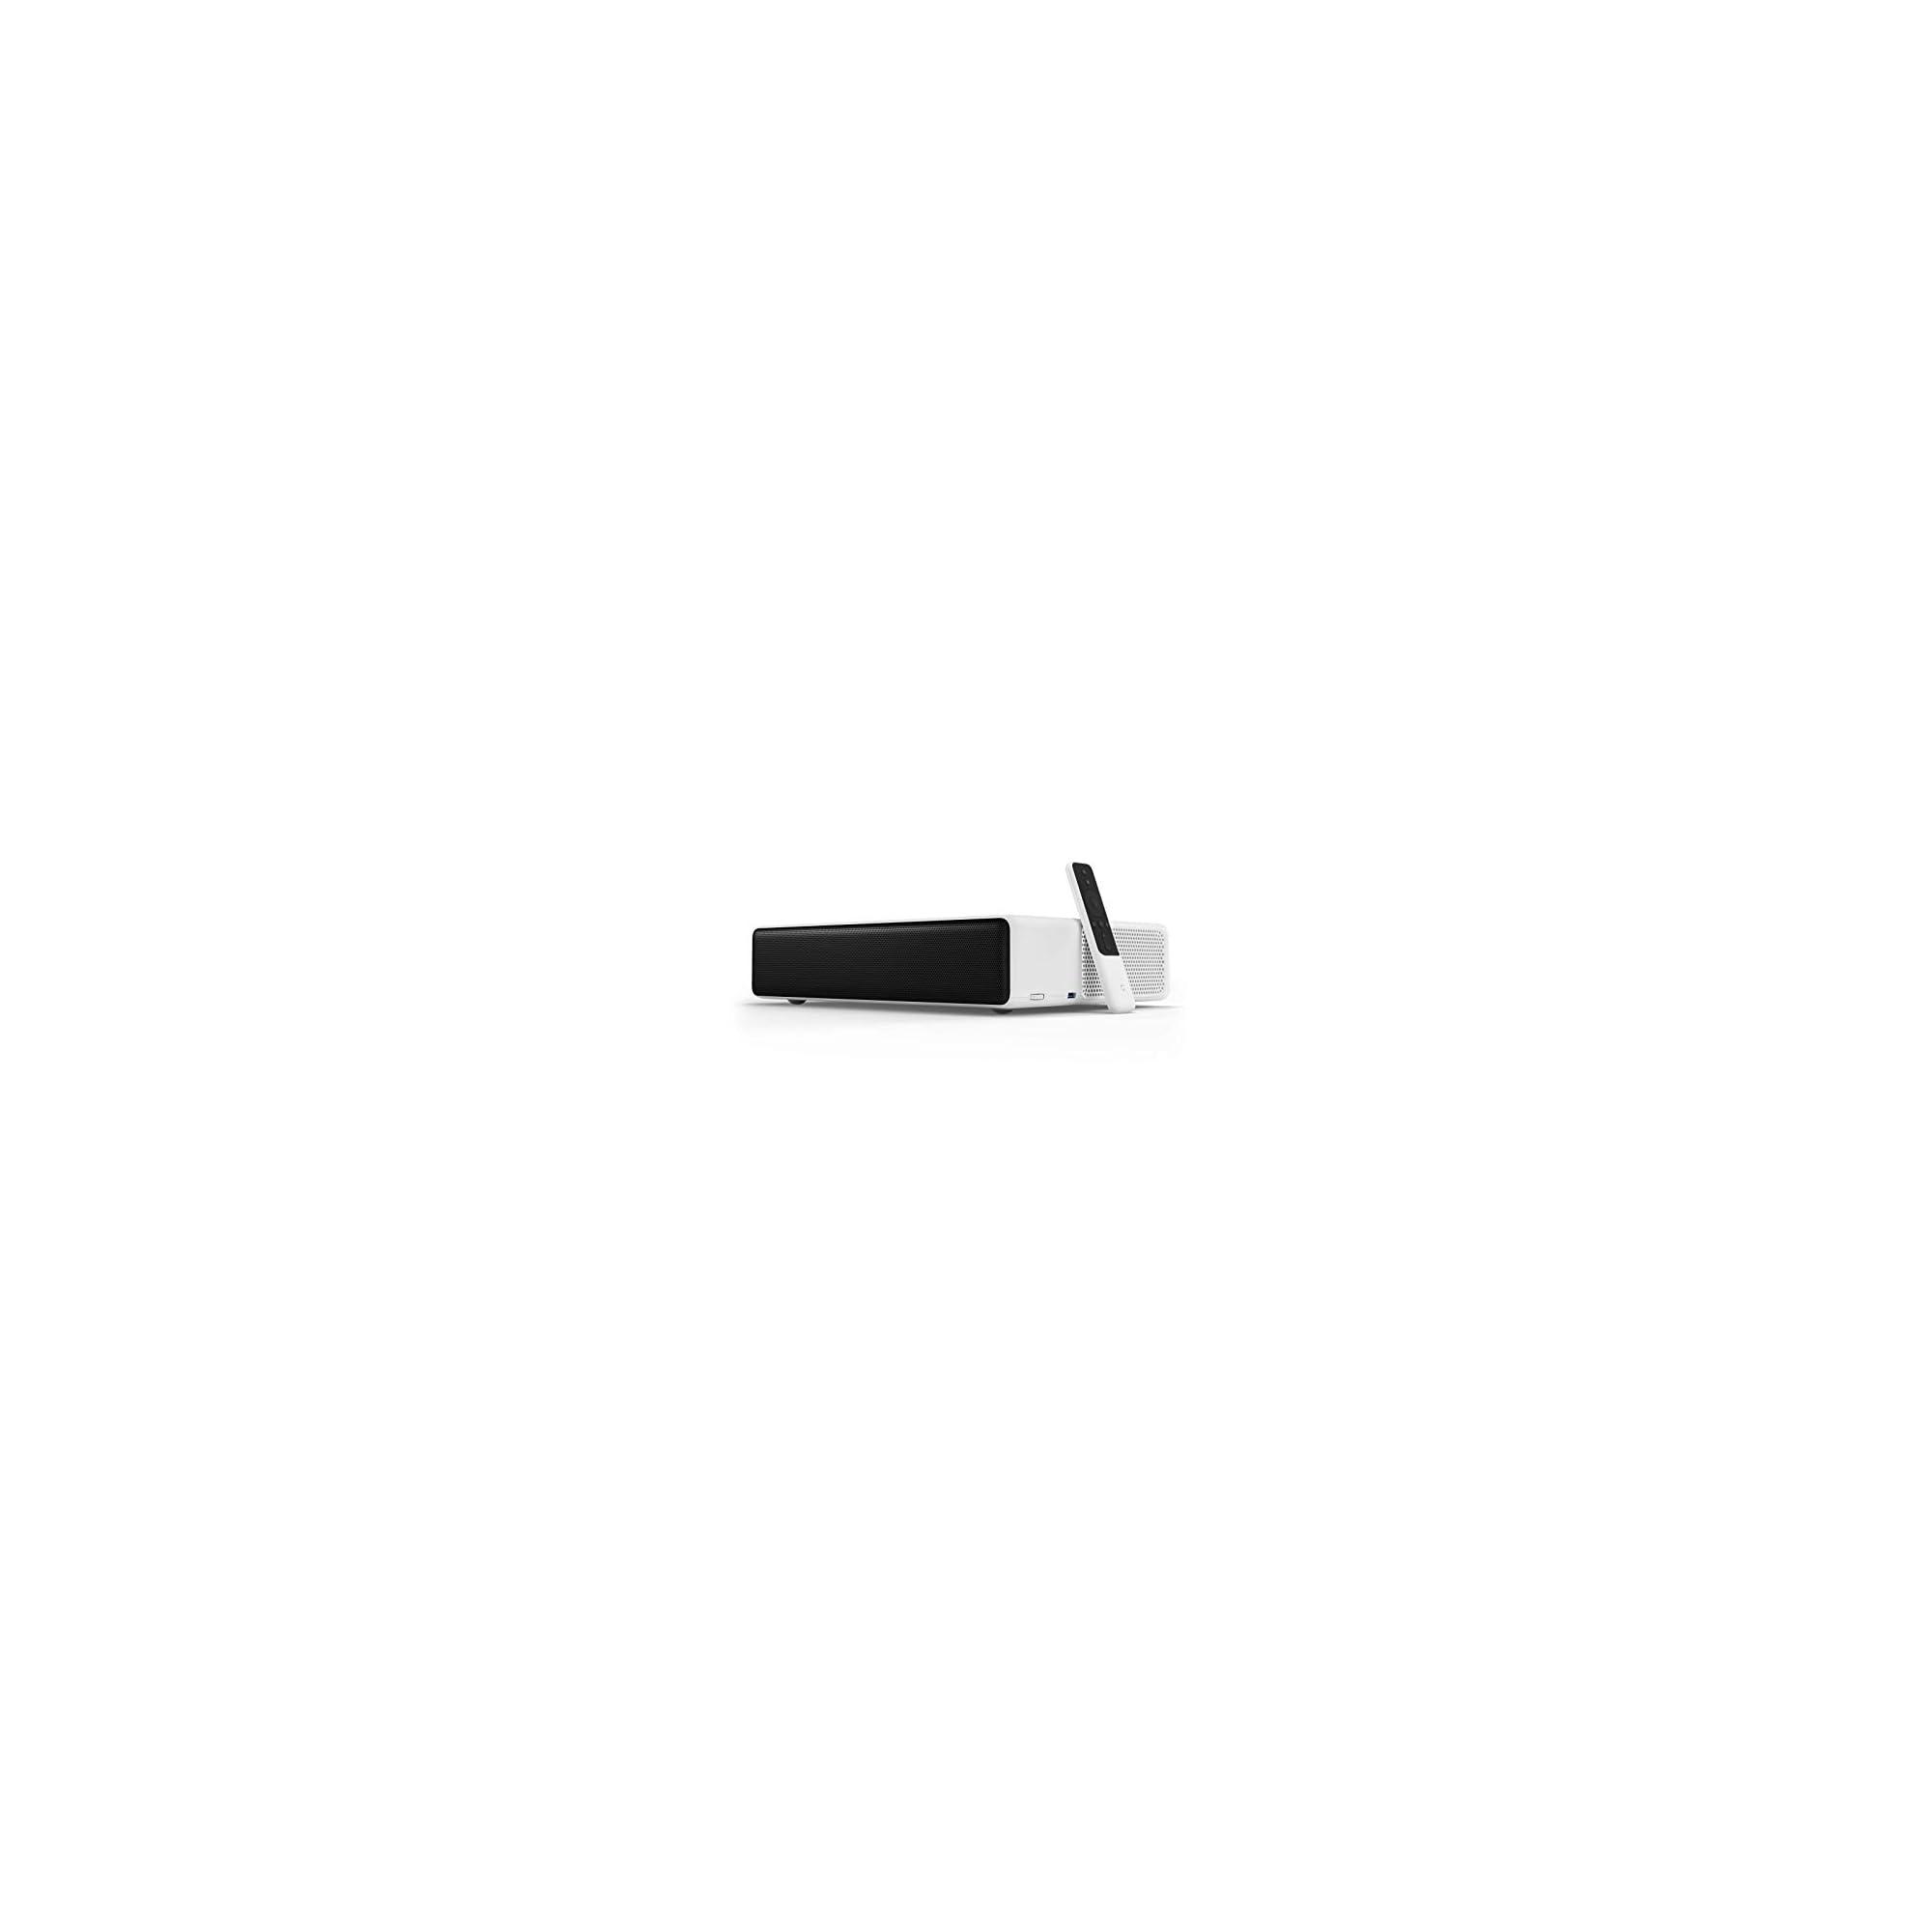 Xiaomi-Mi-Laser-Proyector-150-Color-Blanco es